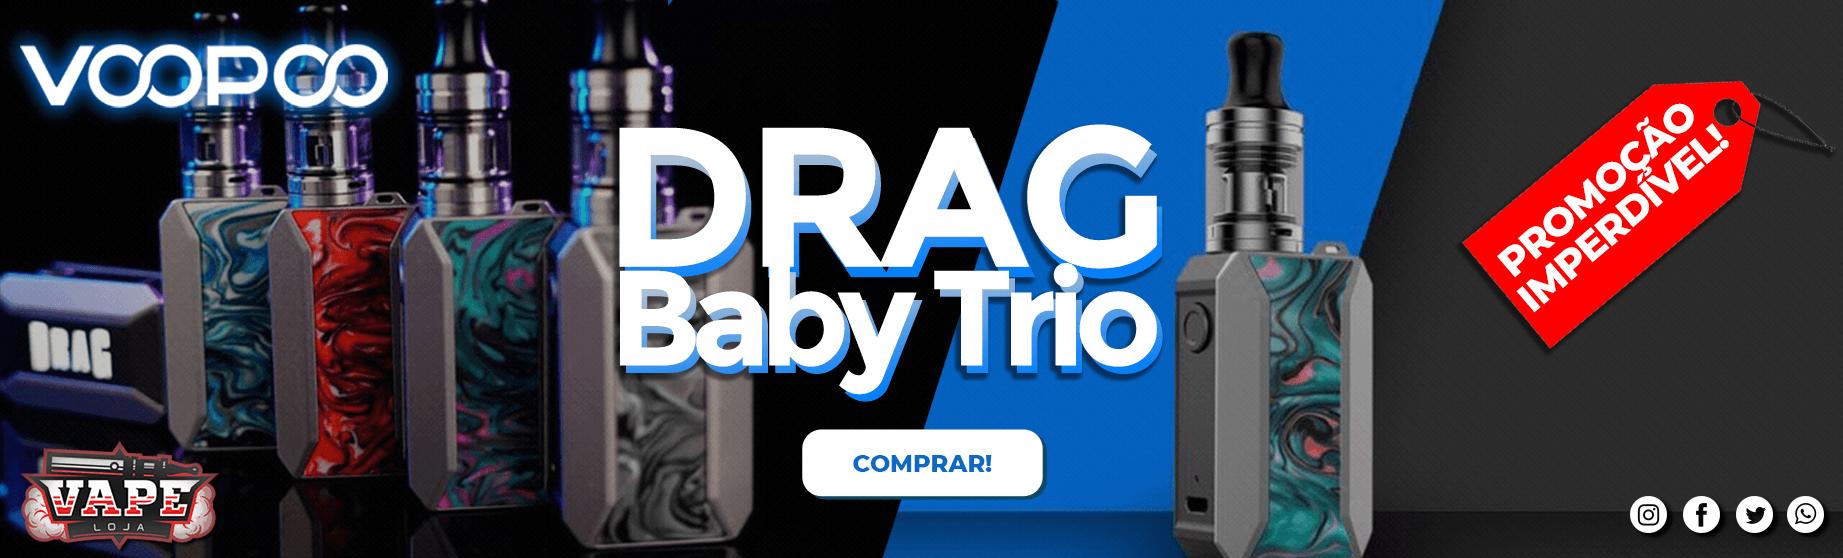 DRAG BABY TRIO